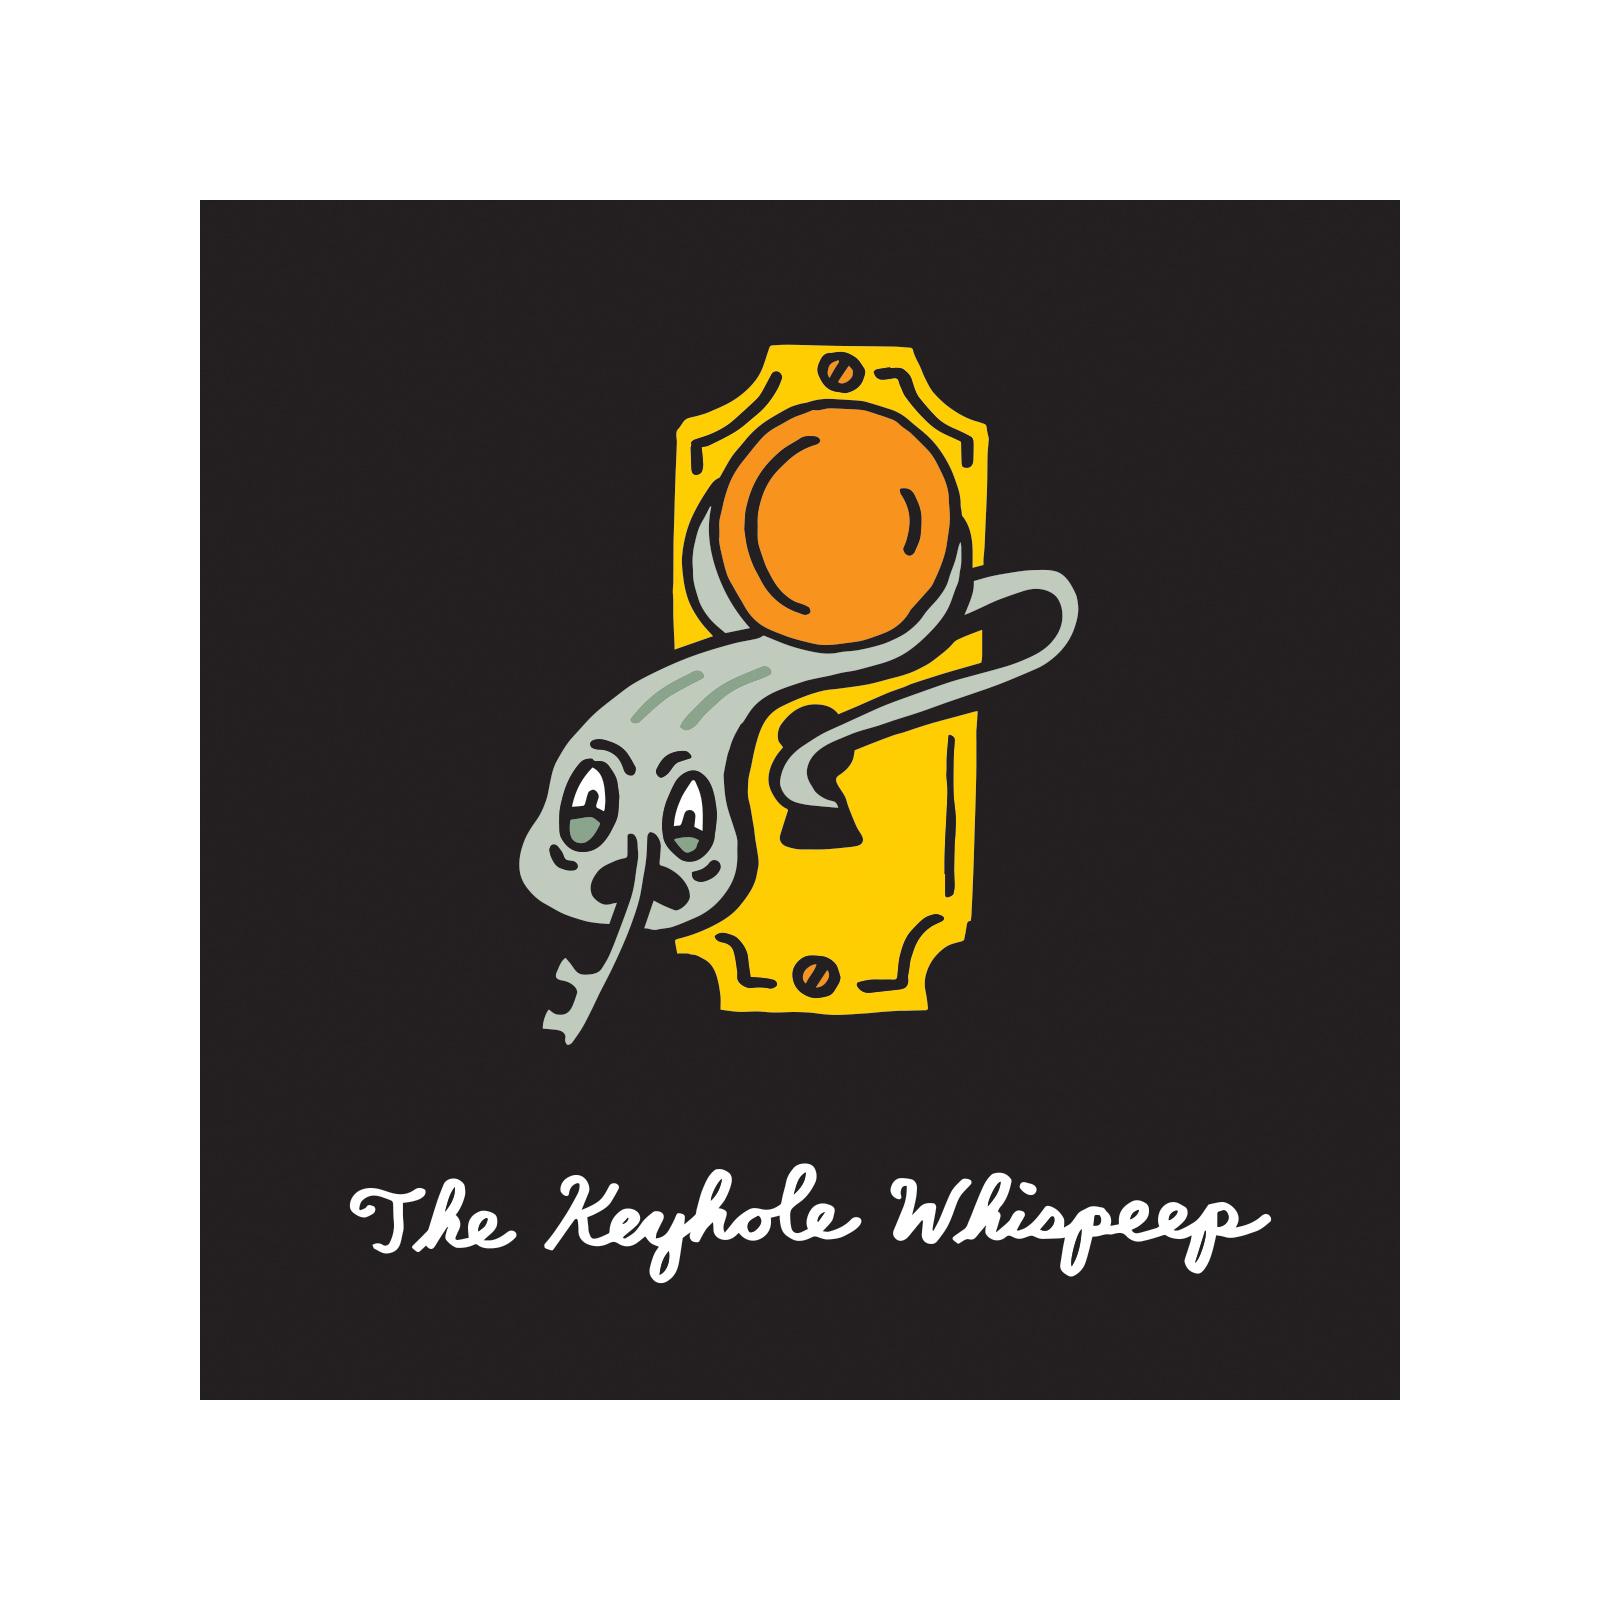 keyhole whisperer.jpg